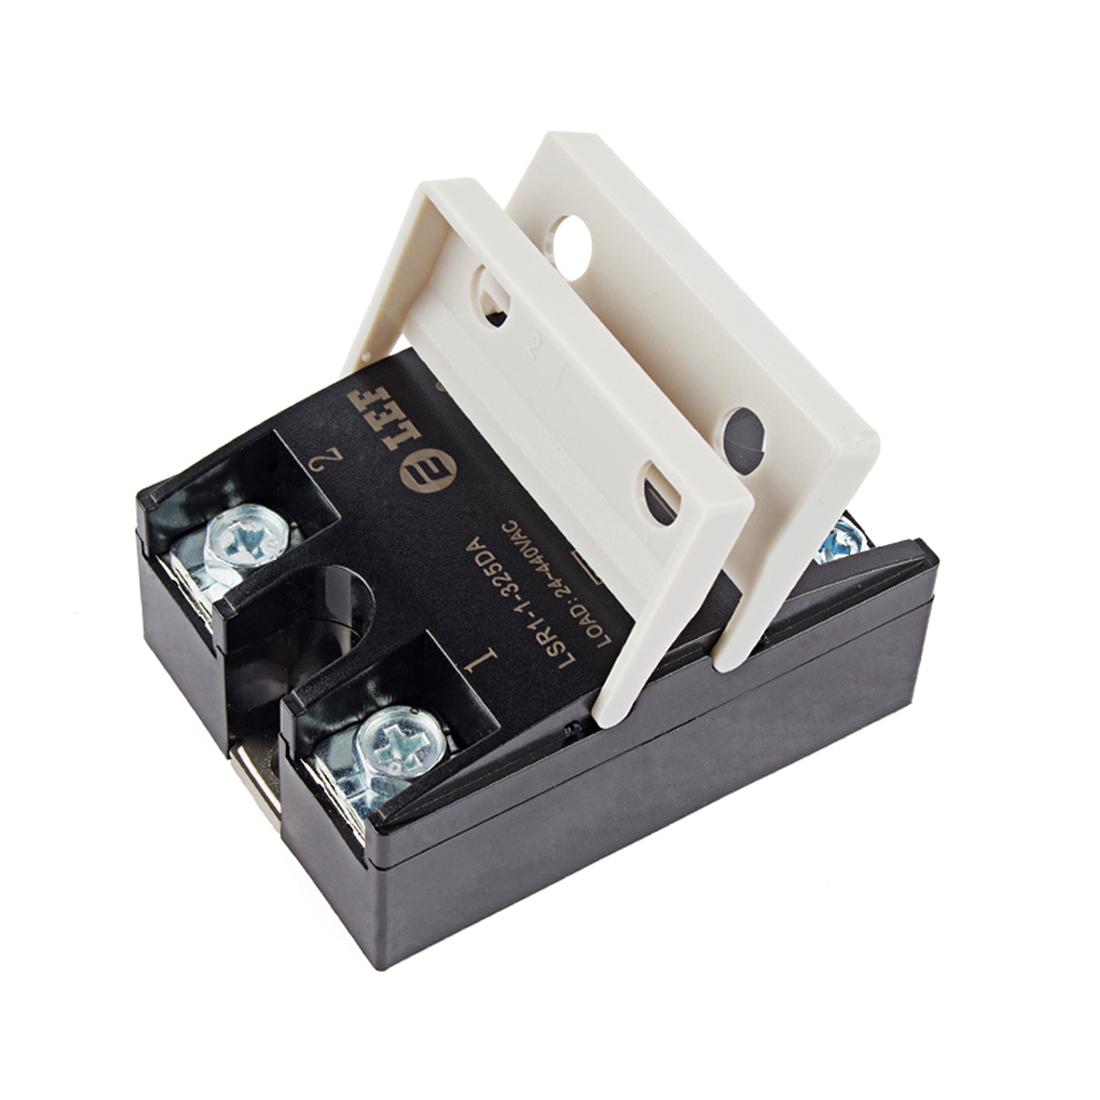 LSR1-1-325DA 25A Solid State Relay Module 3-32V DC / 24-440V AC + Heat Sink